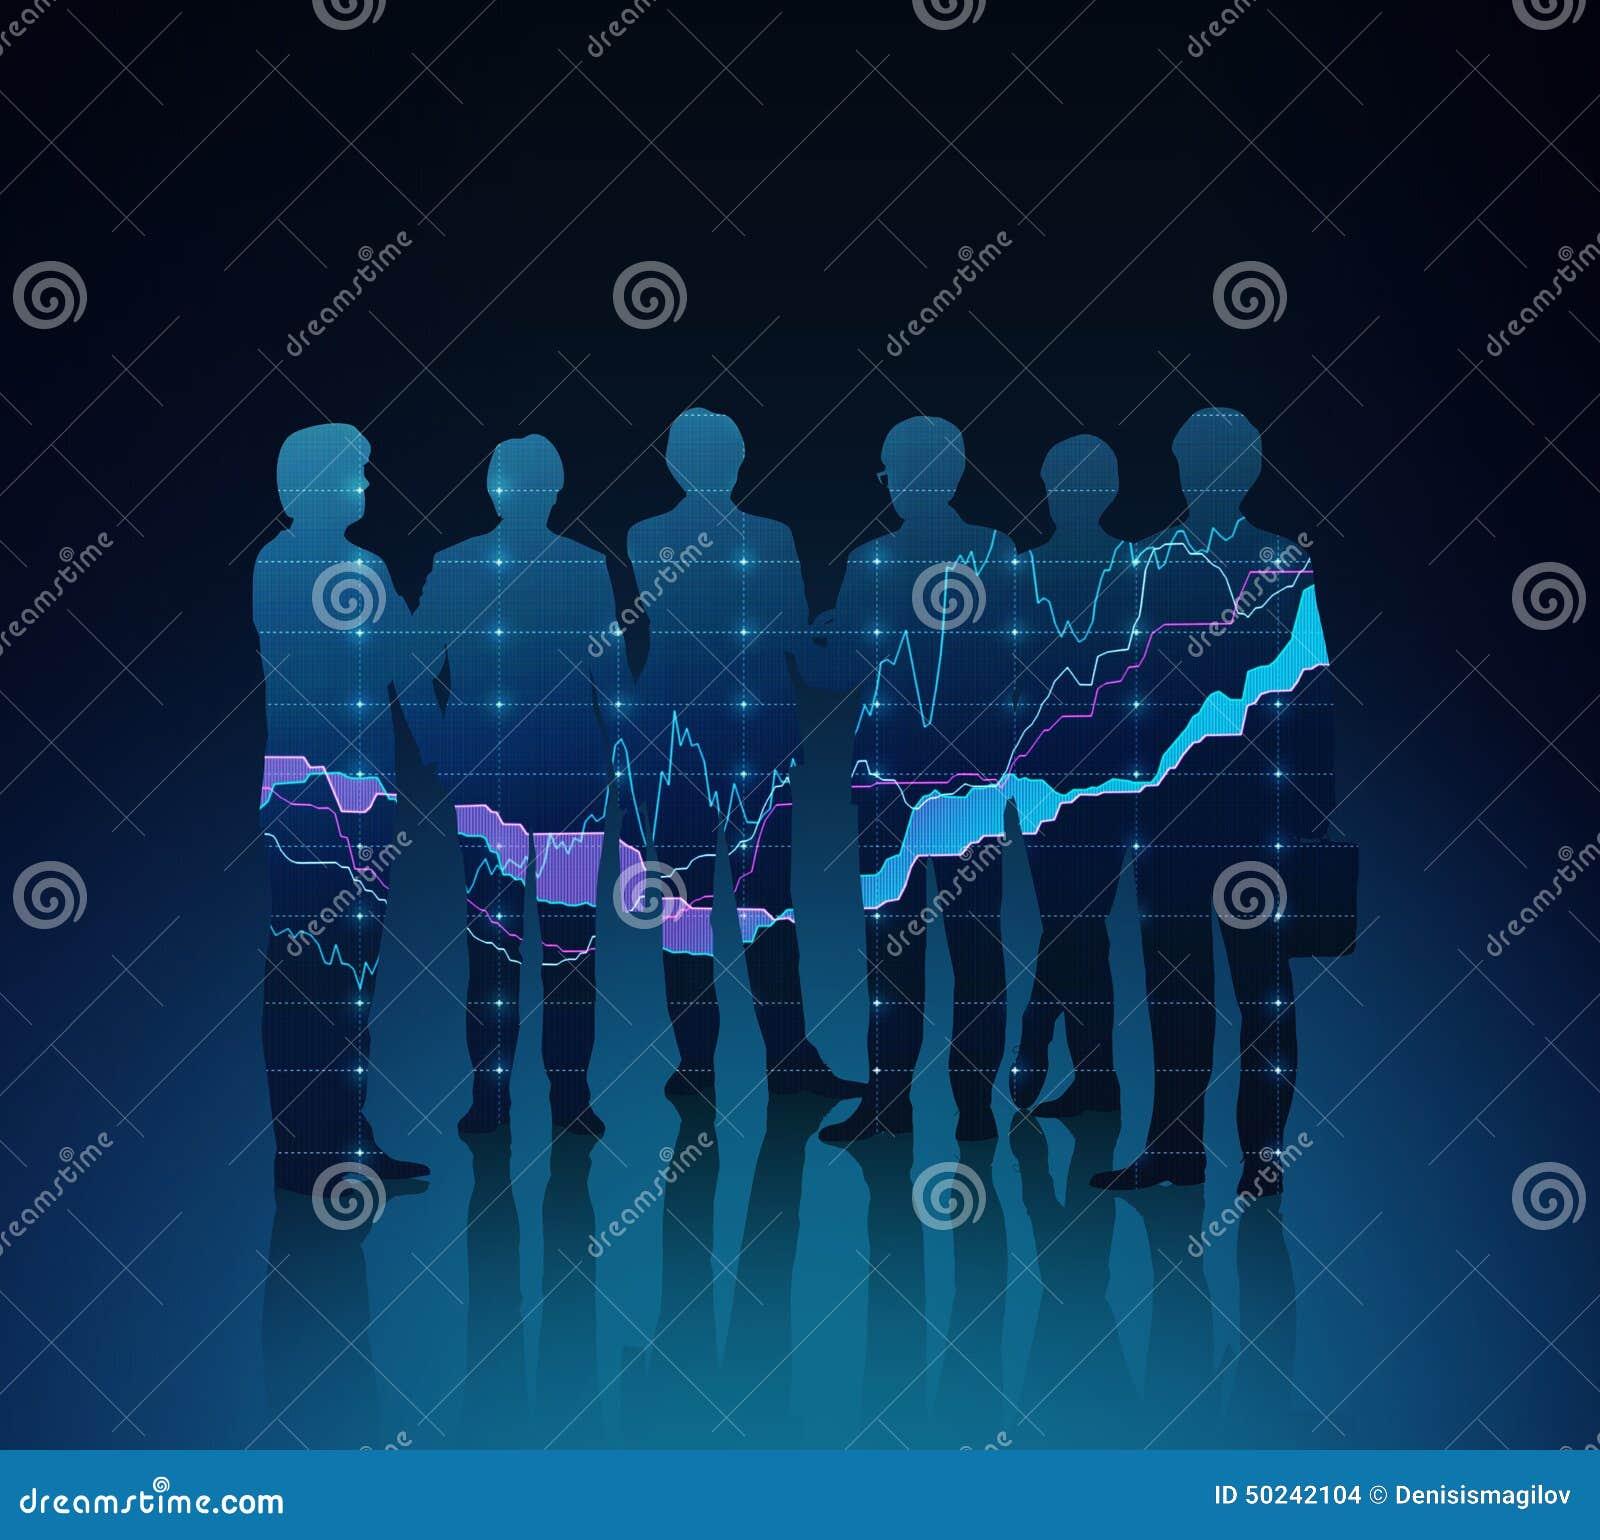 Team forex